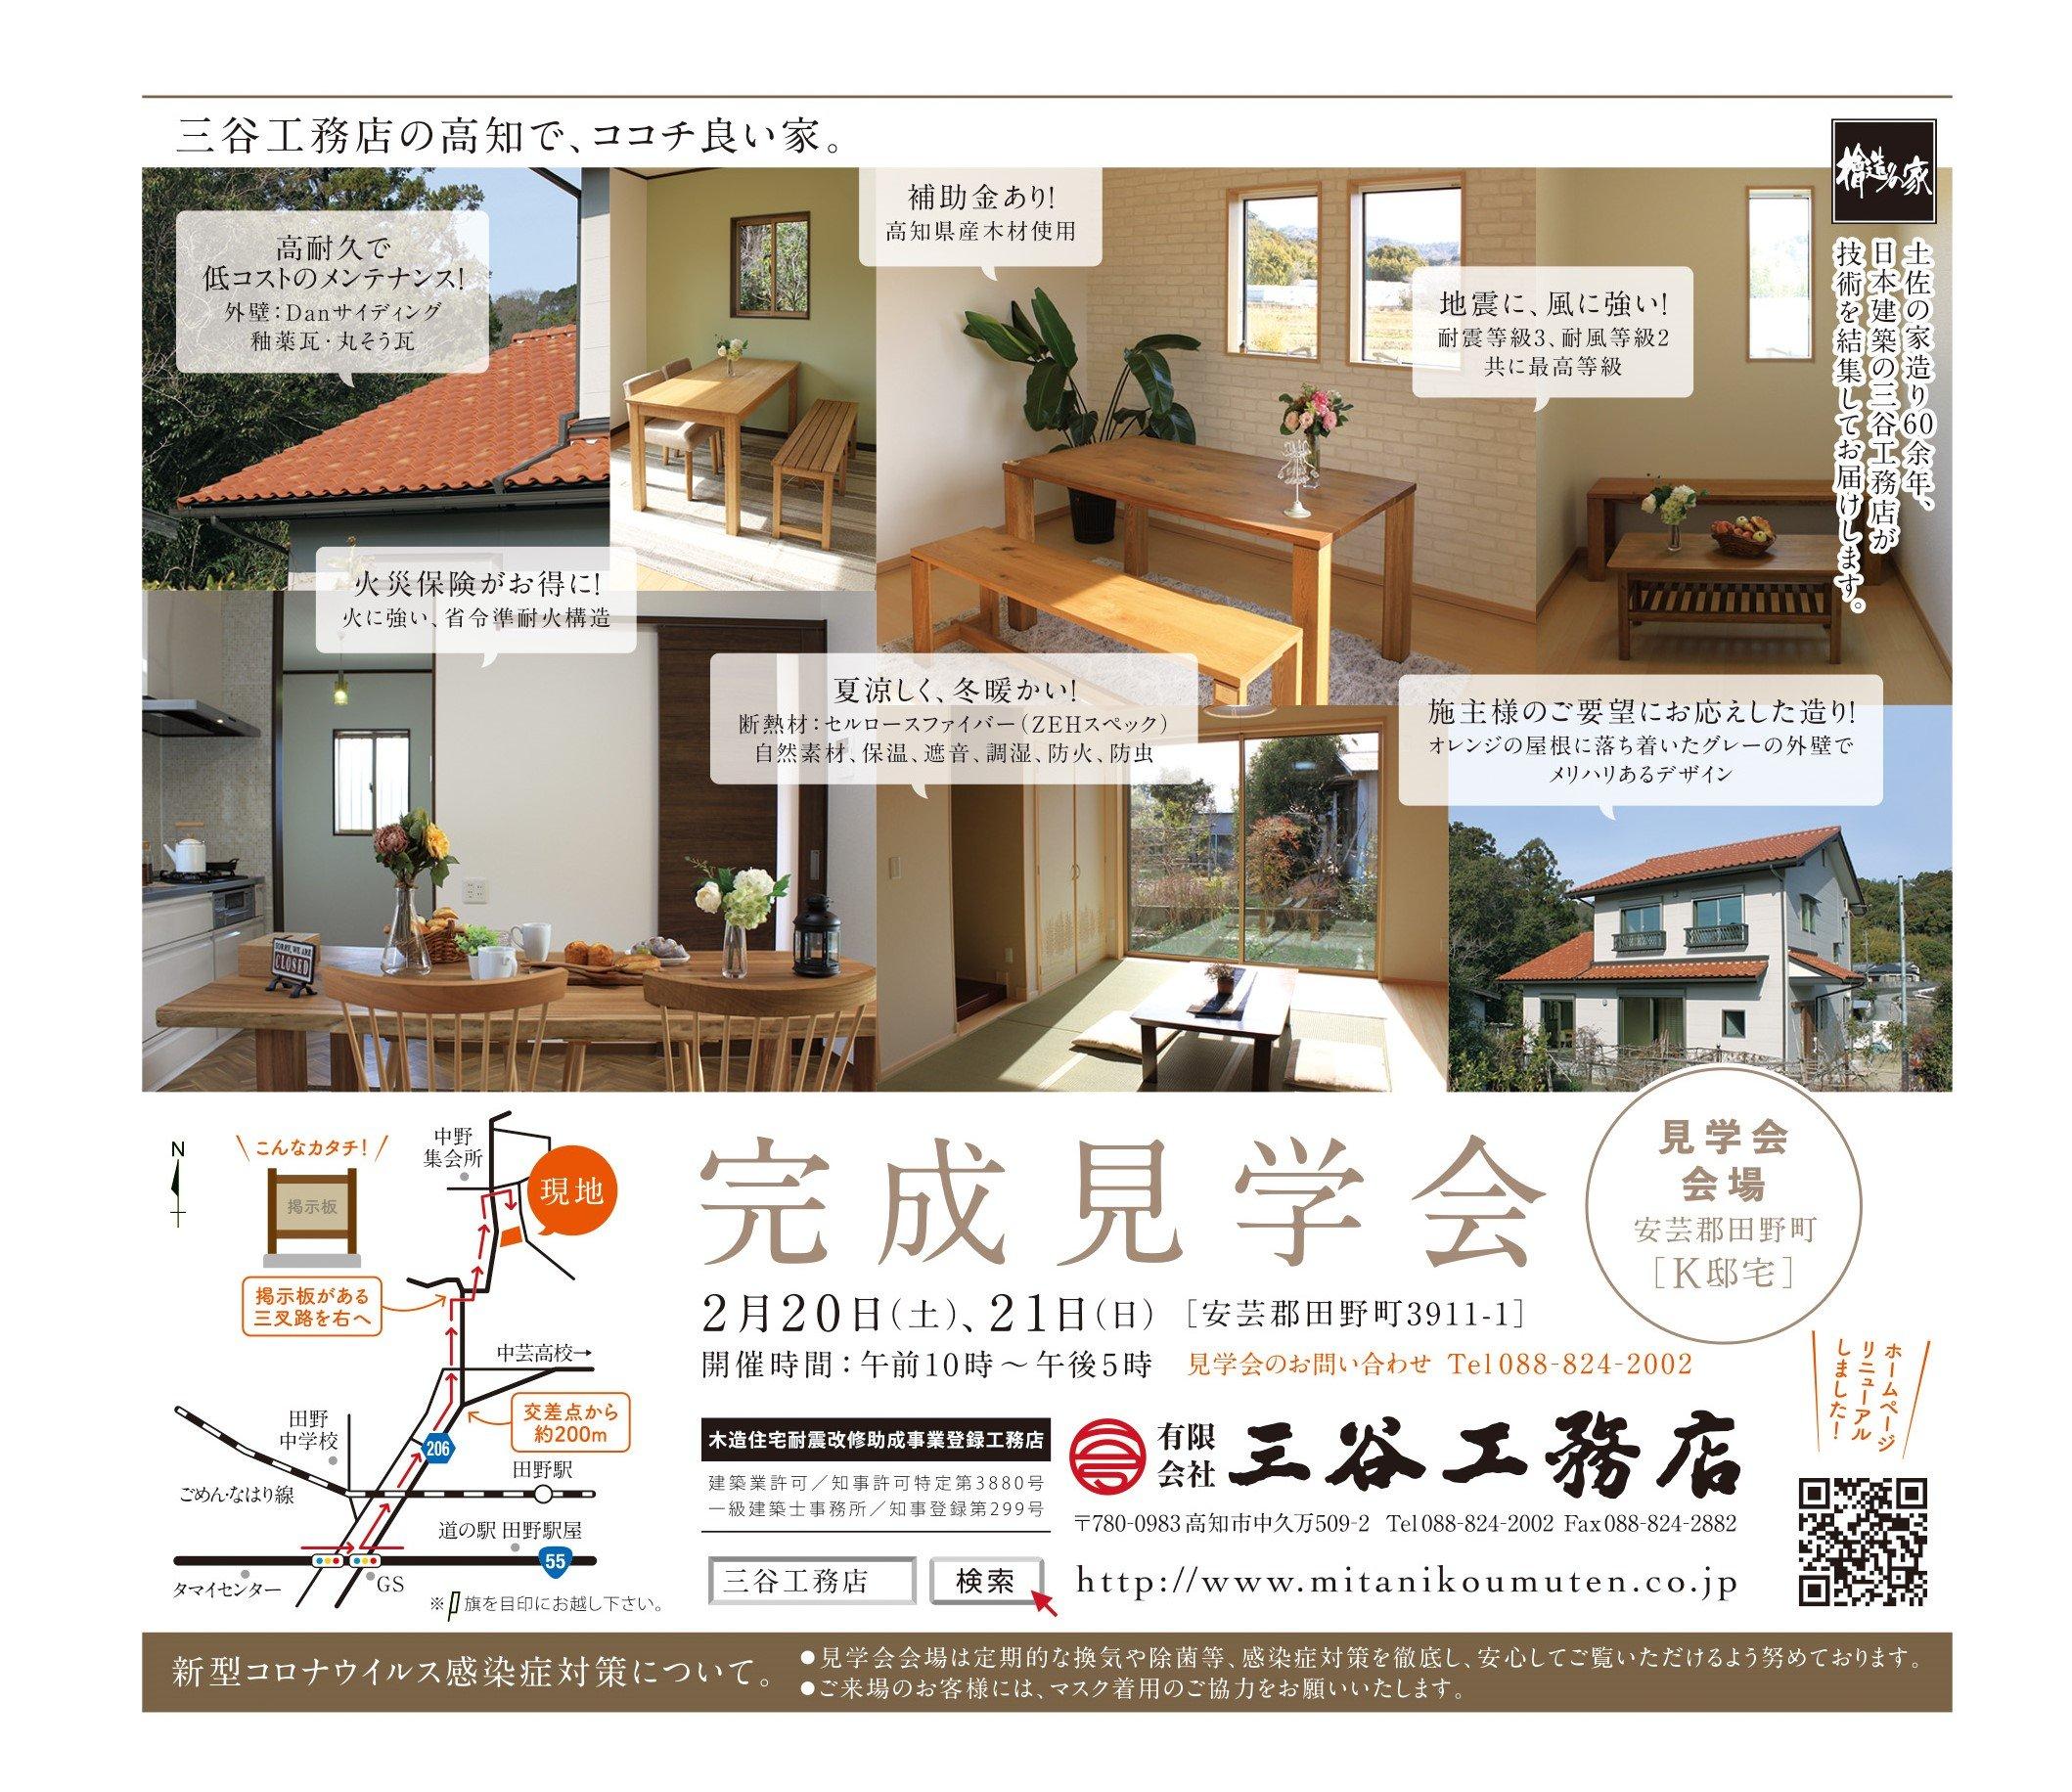 0219完成見学会新聞広告-0216.jpg